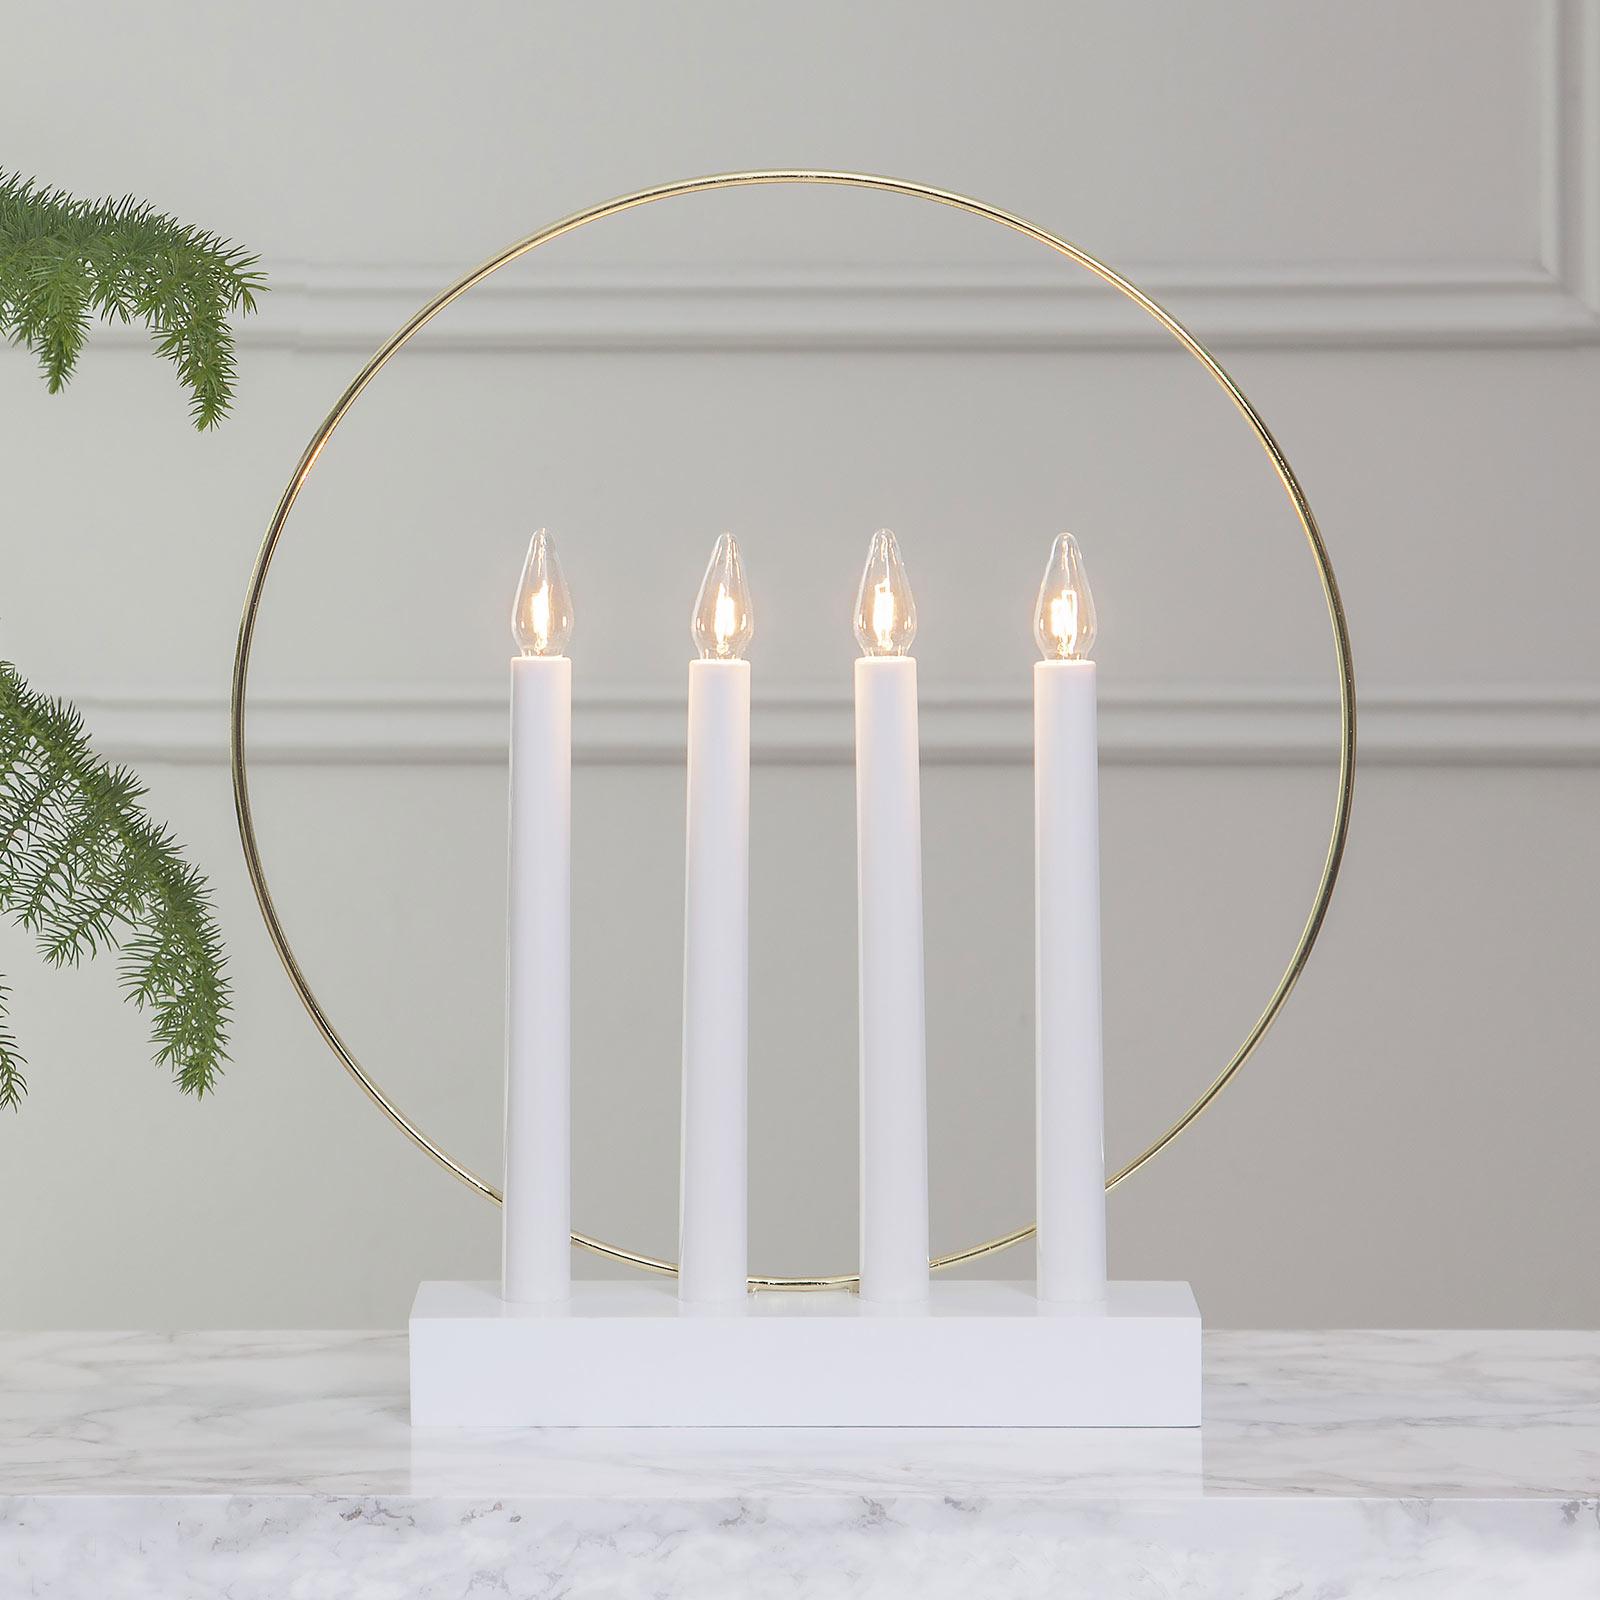 Vinduslampe Glossy, ring, 4 lyskilder, hvit